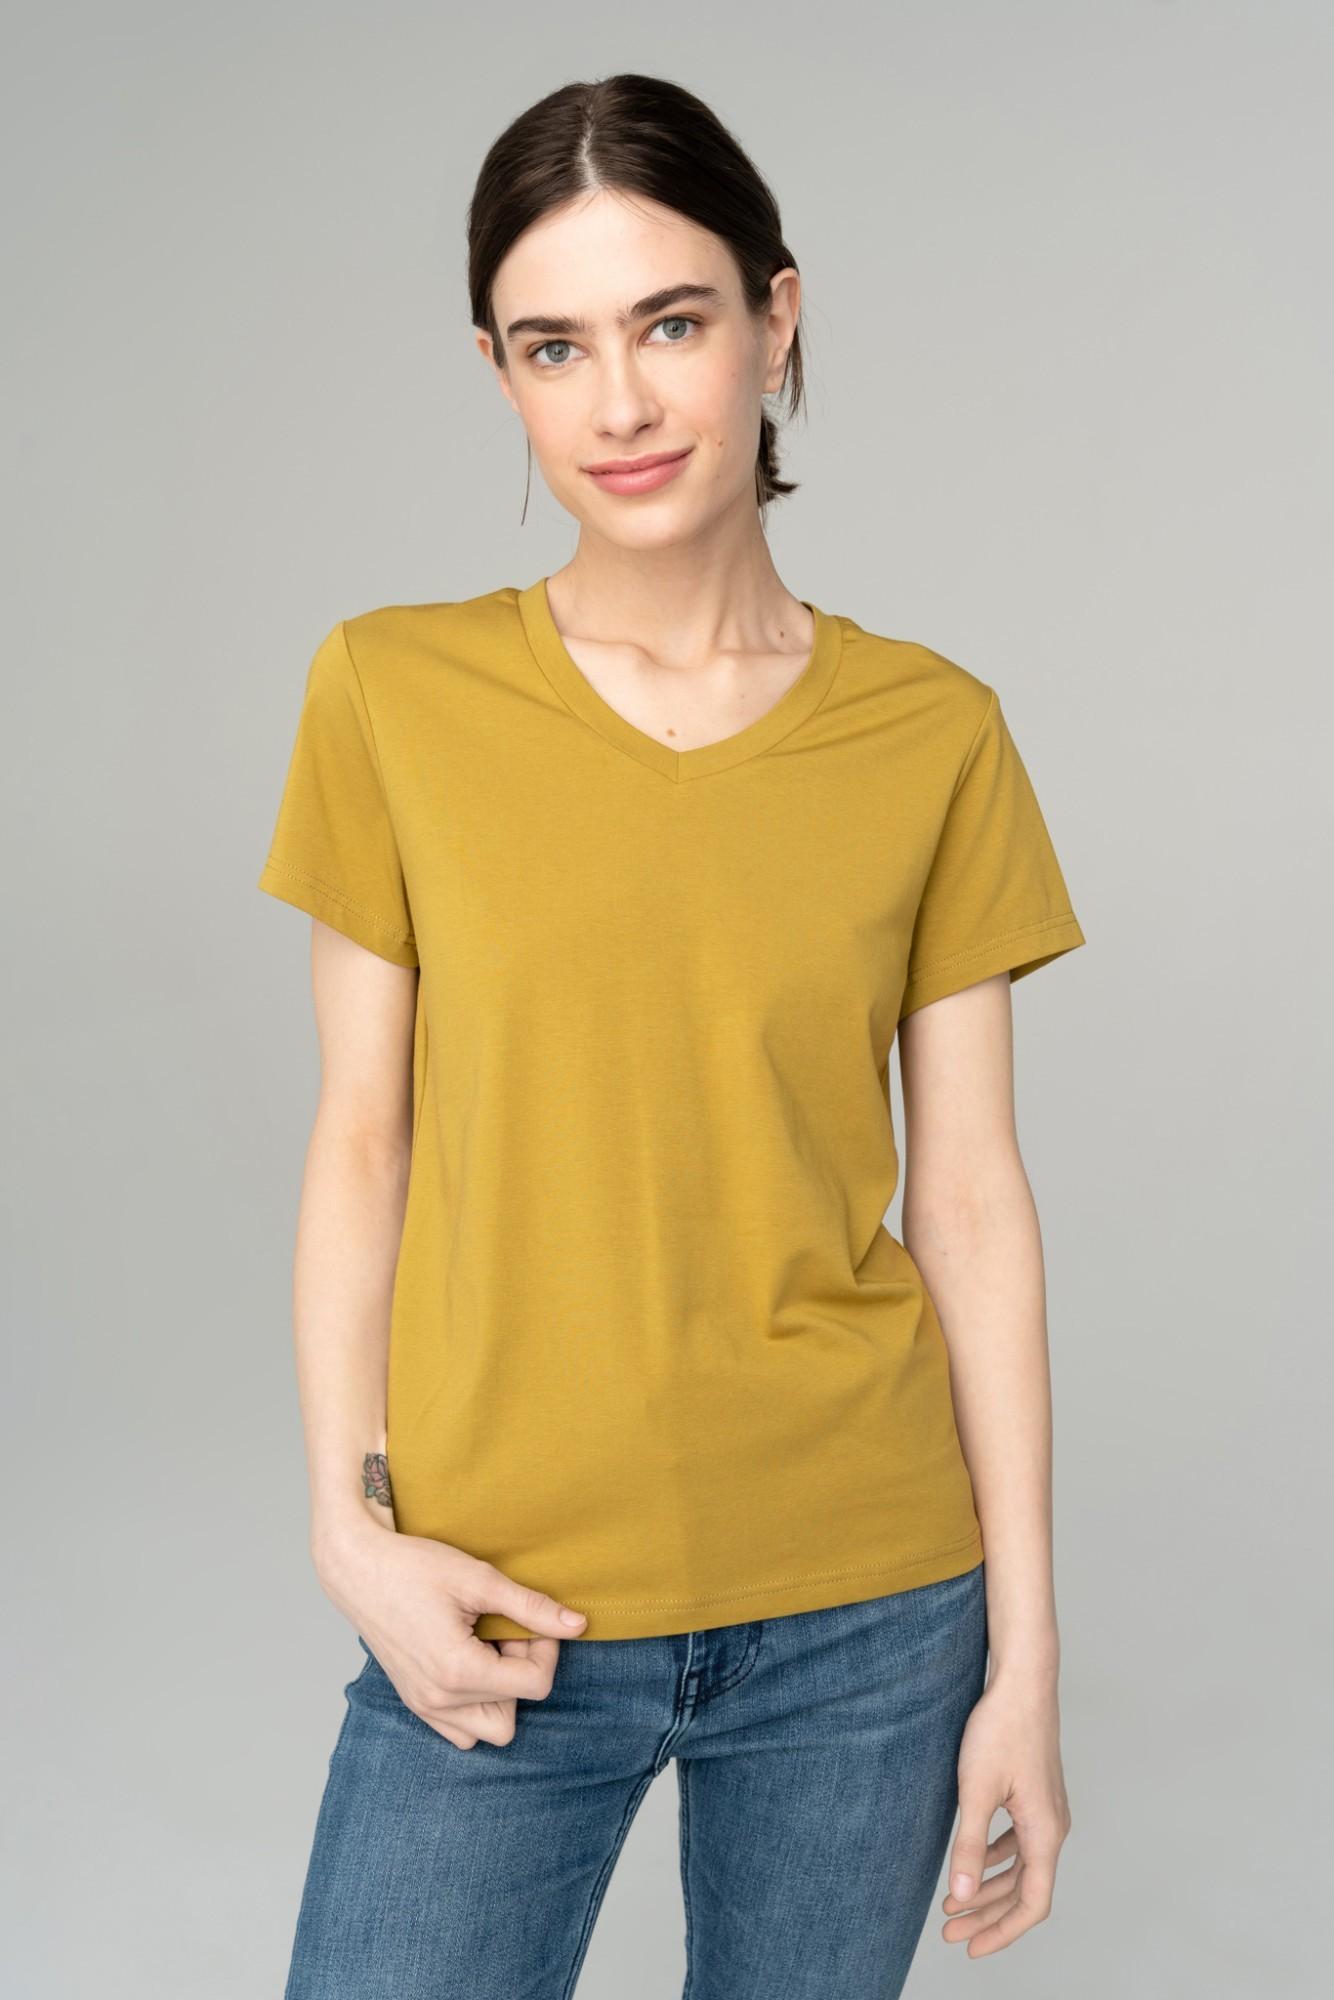 AUDIMAS Švelnūs modalo marškinėliai 2111-075 Ecru Olive S